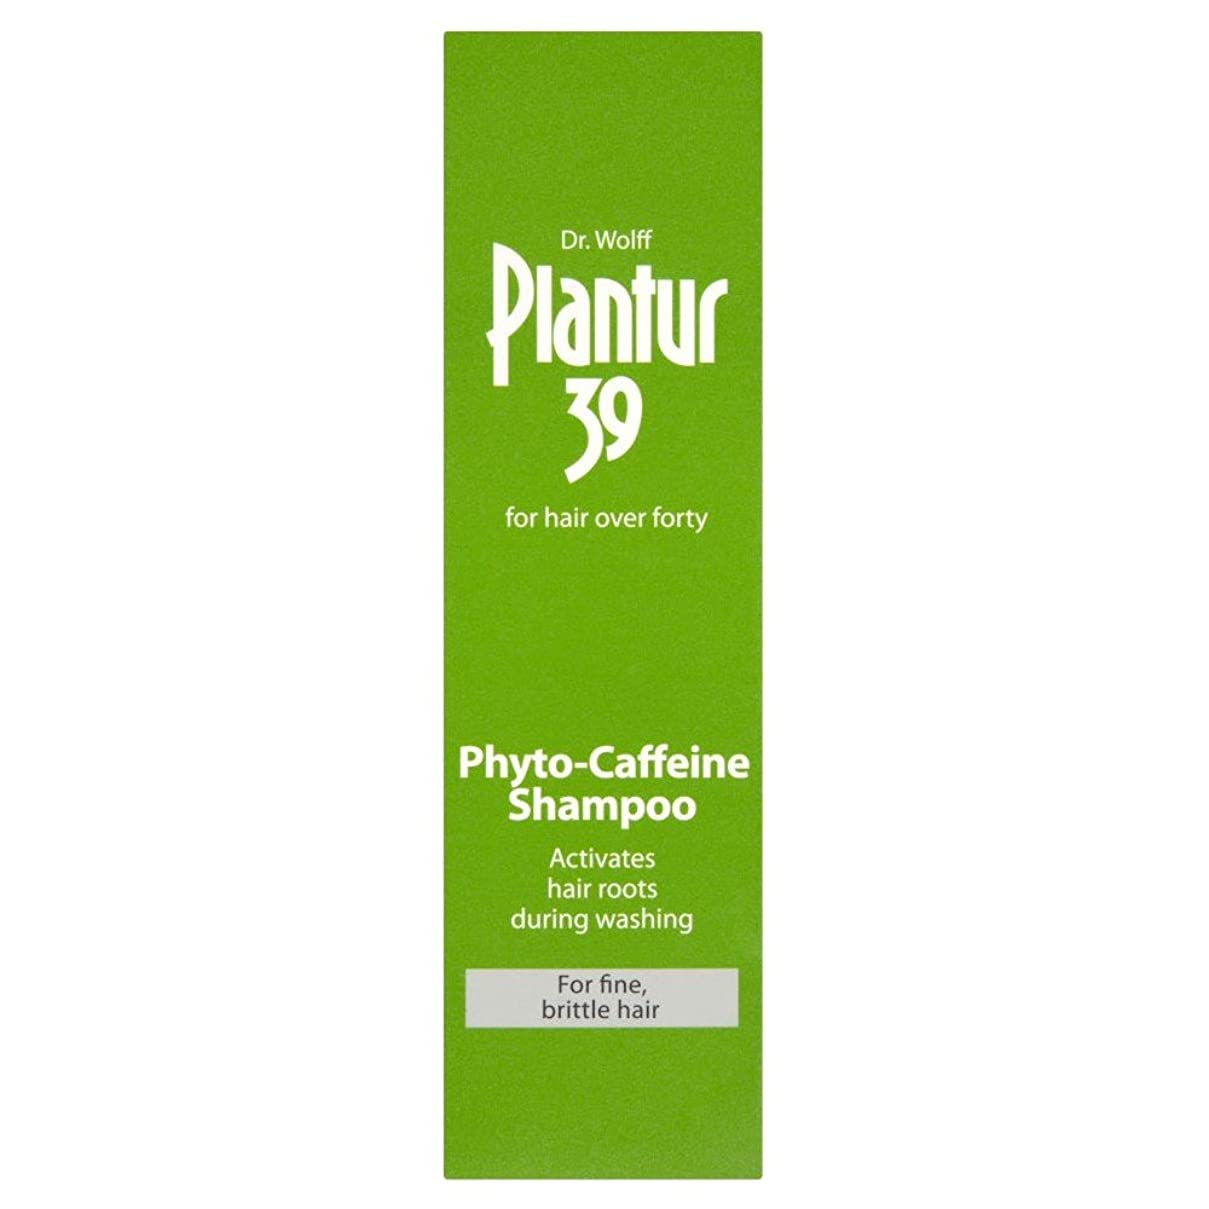 Plantur 39 Phyto Caffeine Shampoo for Coloured & Stressed Hair (250ml) 色や髪を強調した( 250ミリリットル)のための39フィトのカフェインシャンプーplantur [並行輸入品]